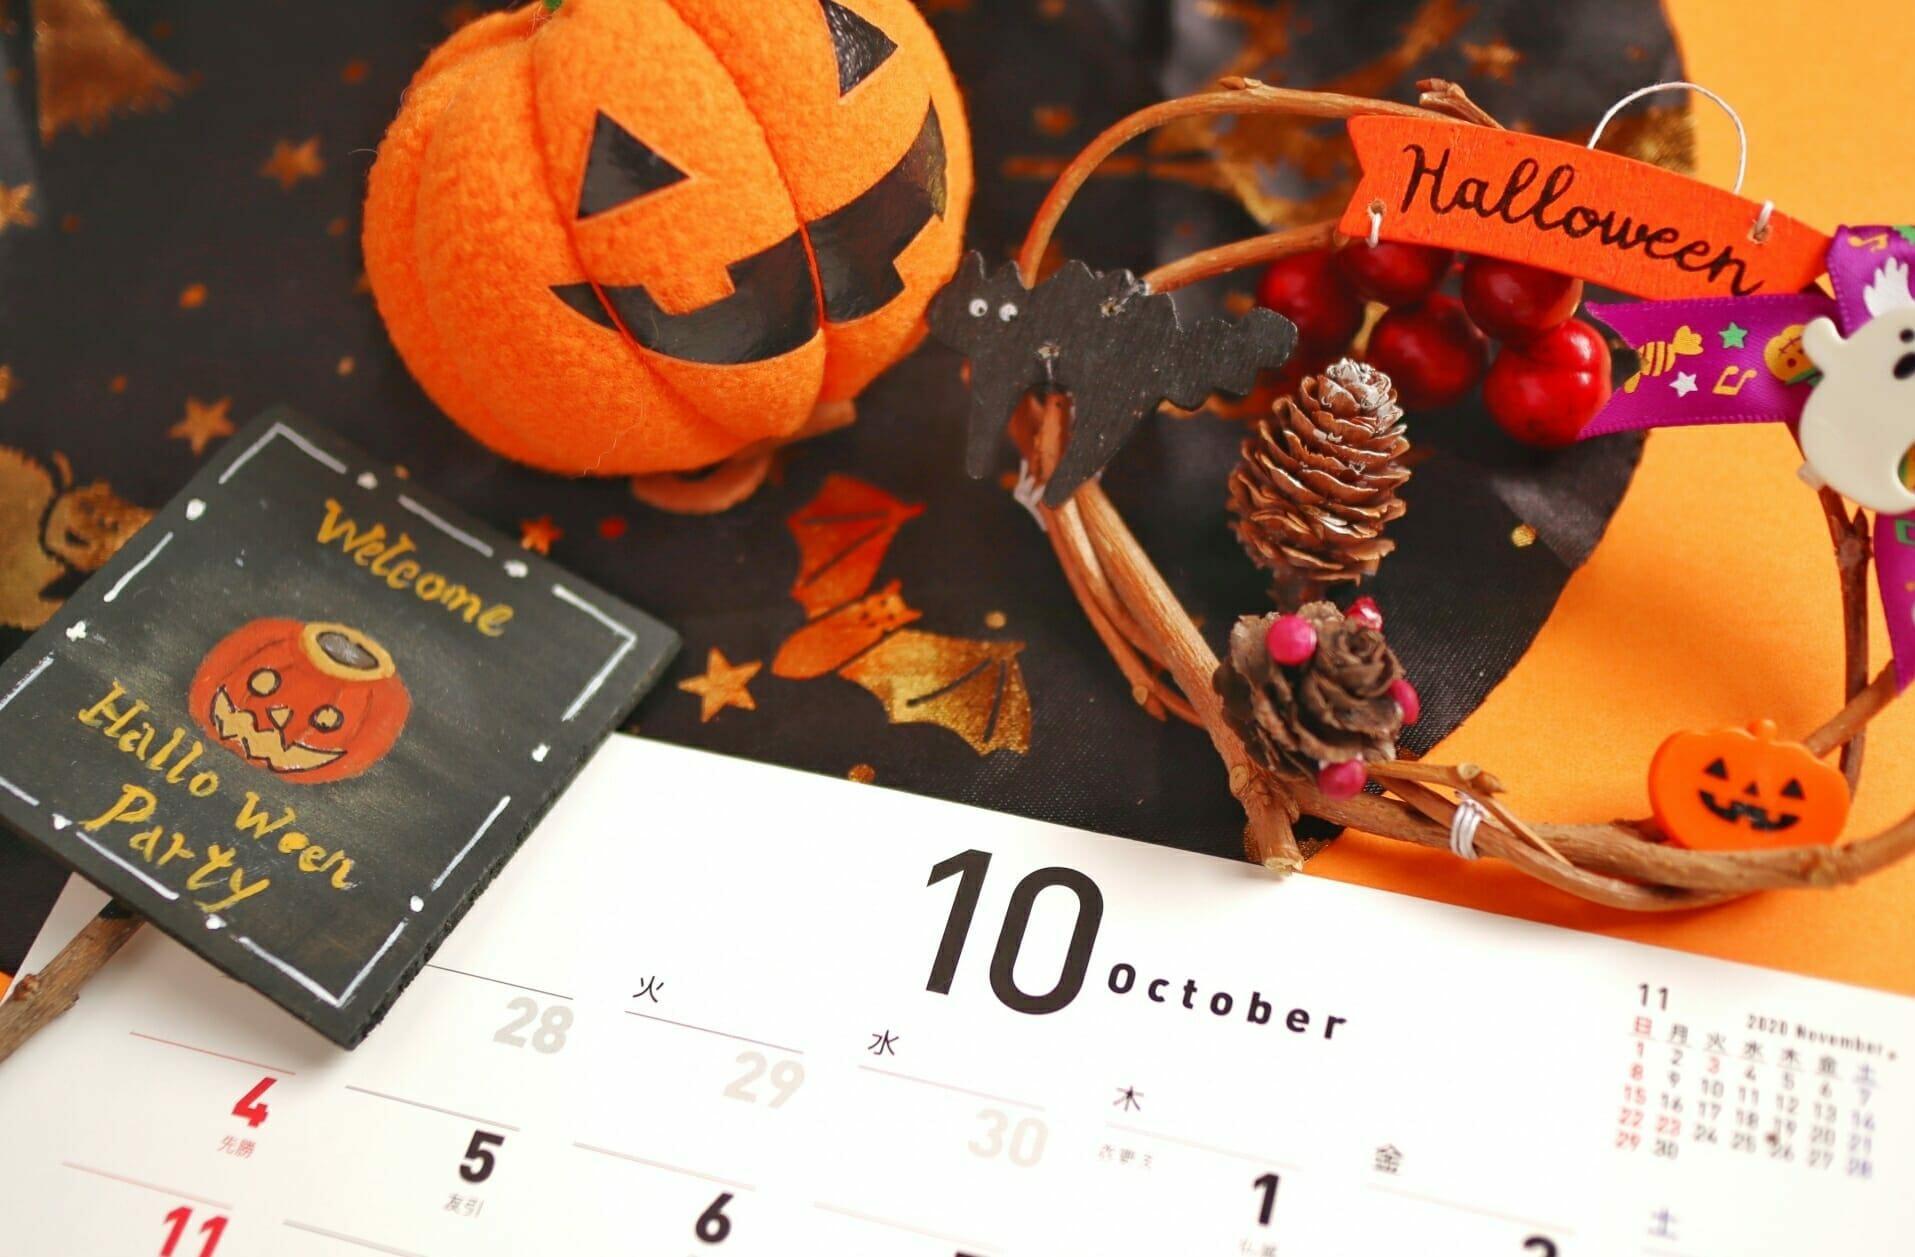 大統領選の他にも注目すべきイベントが満載となった10月の為替相場